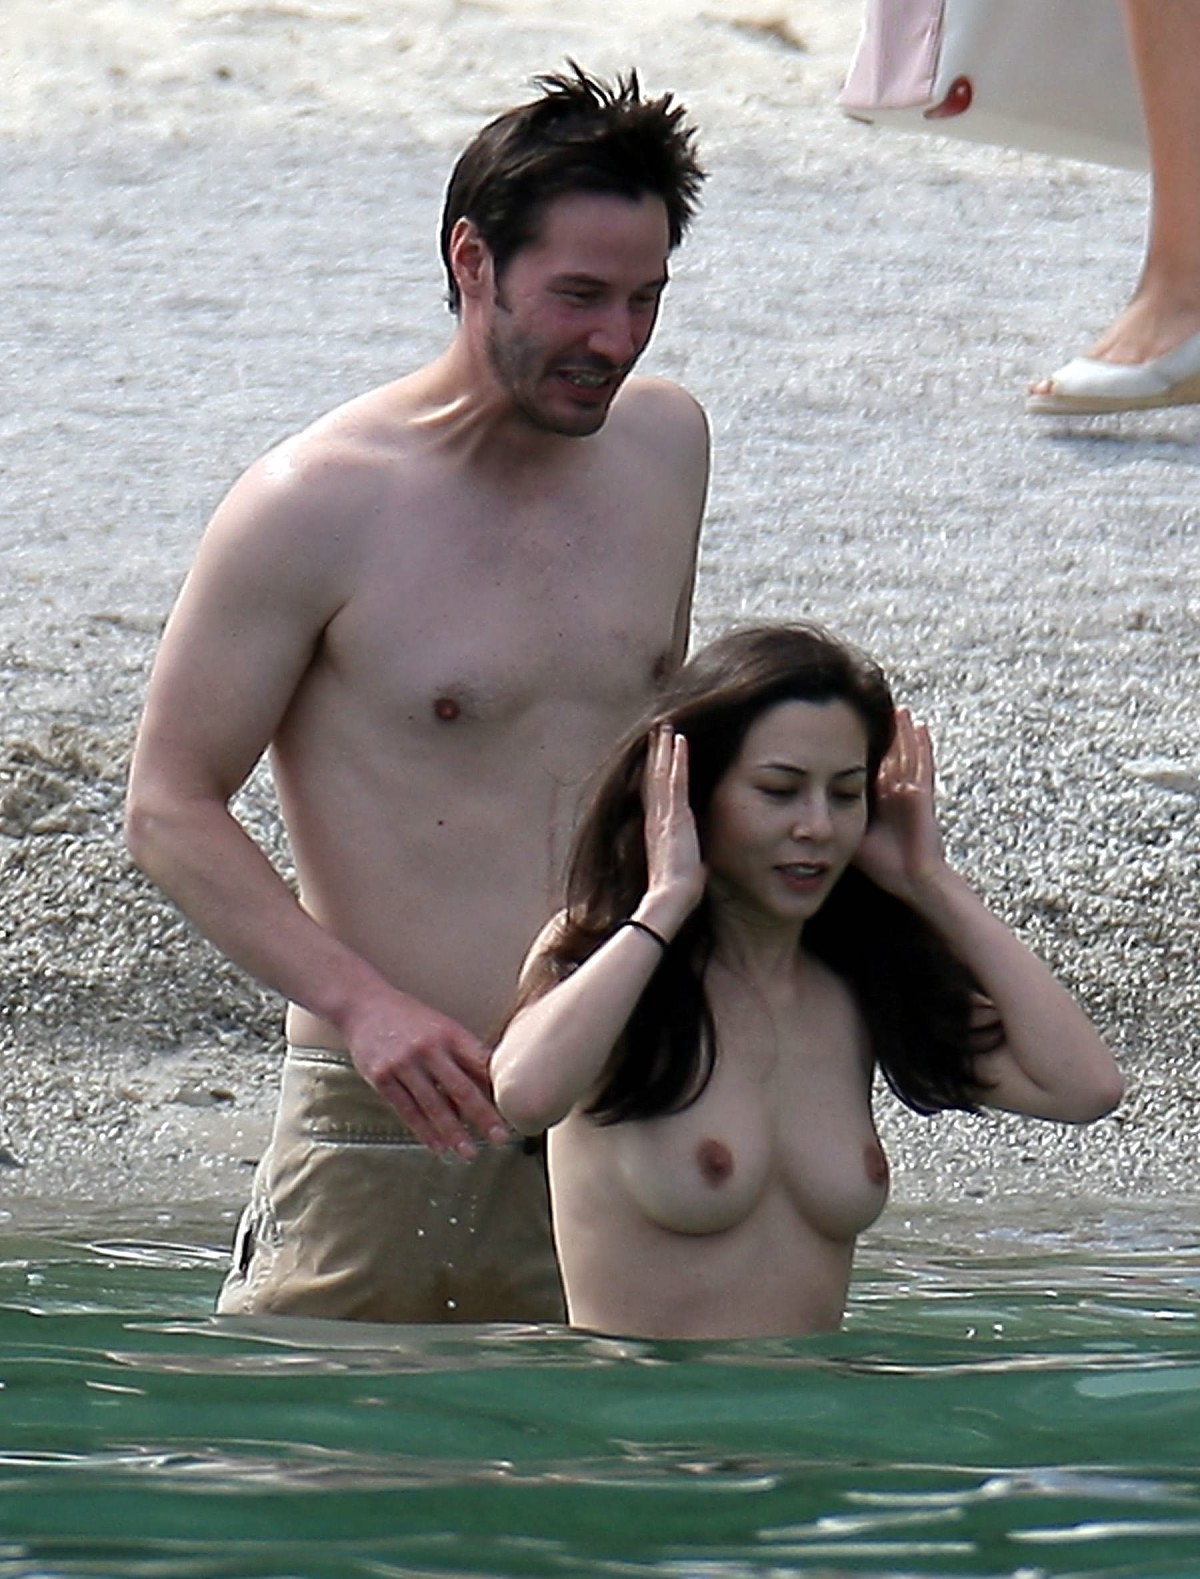 http://1.bp.blogspot.com/_WDCWEjl45FQ/TPVZQi1e67I/AAAAAAAABBQ/0i8qF3-mZuk/s1600/china-chow-topless-keanu-reeves-20.jpg